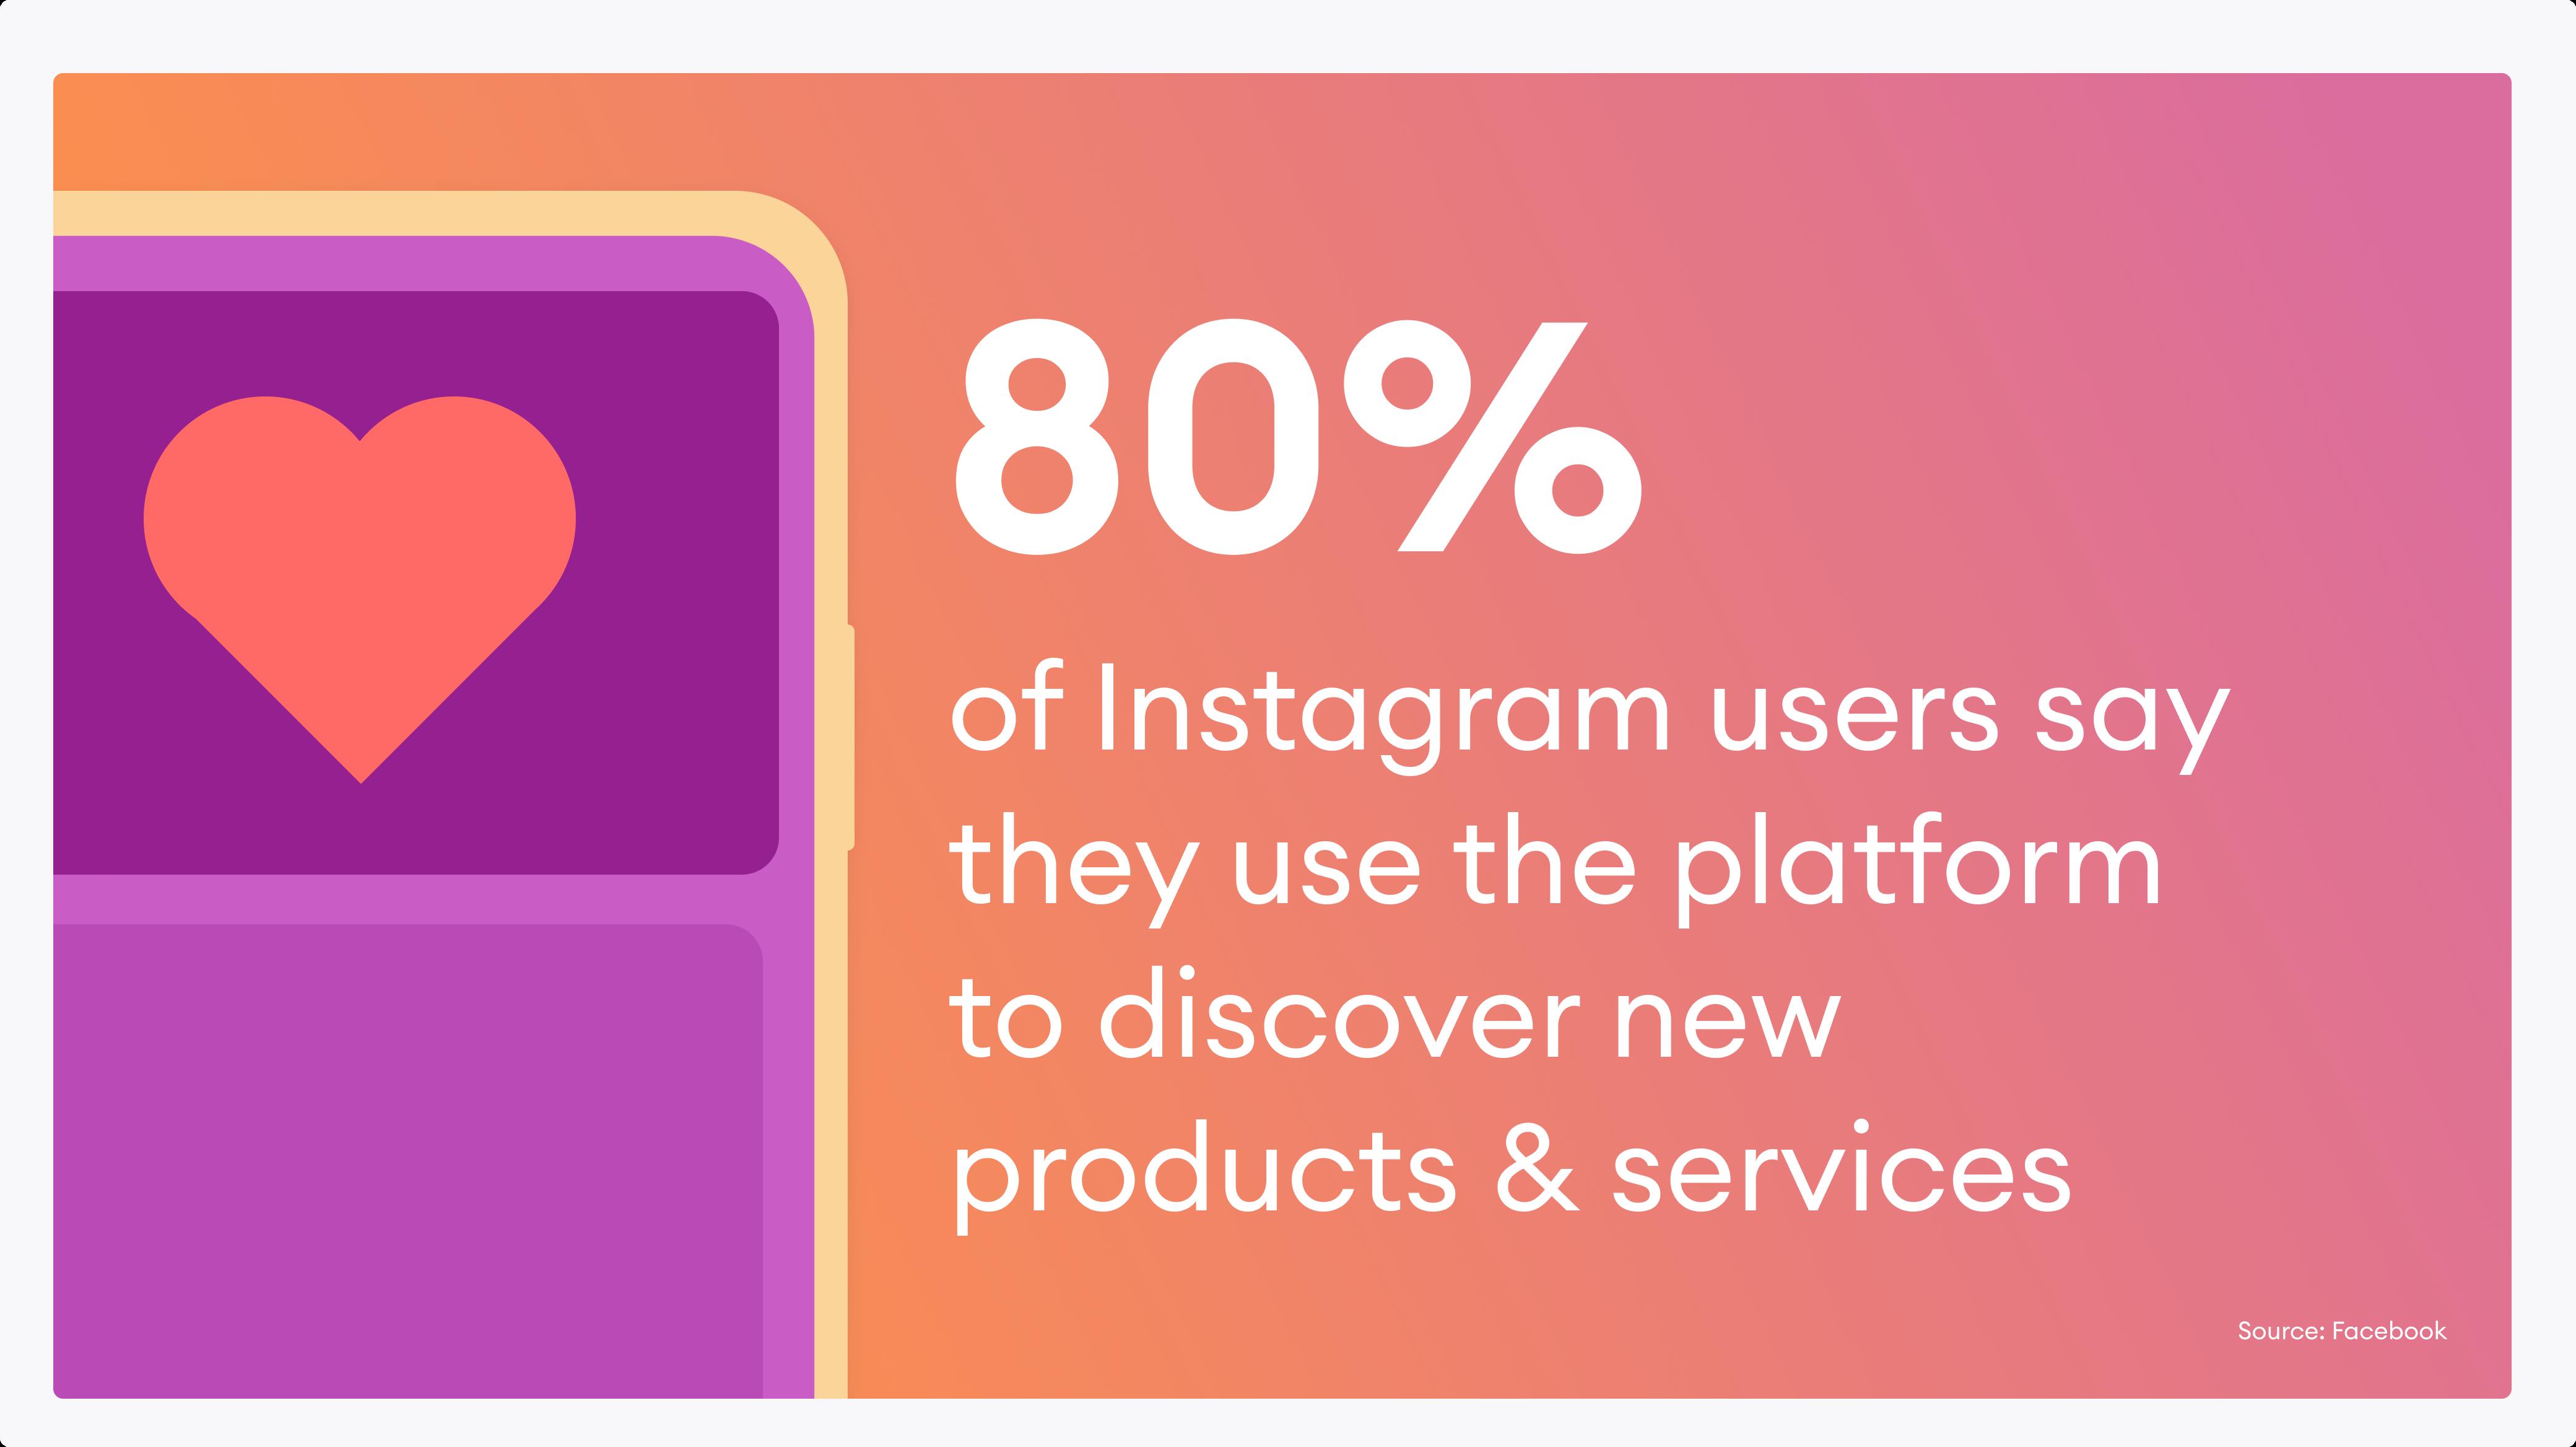 Việc mua sắm rất lớn trên Instagram và nó đang ngày càng phát triển